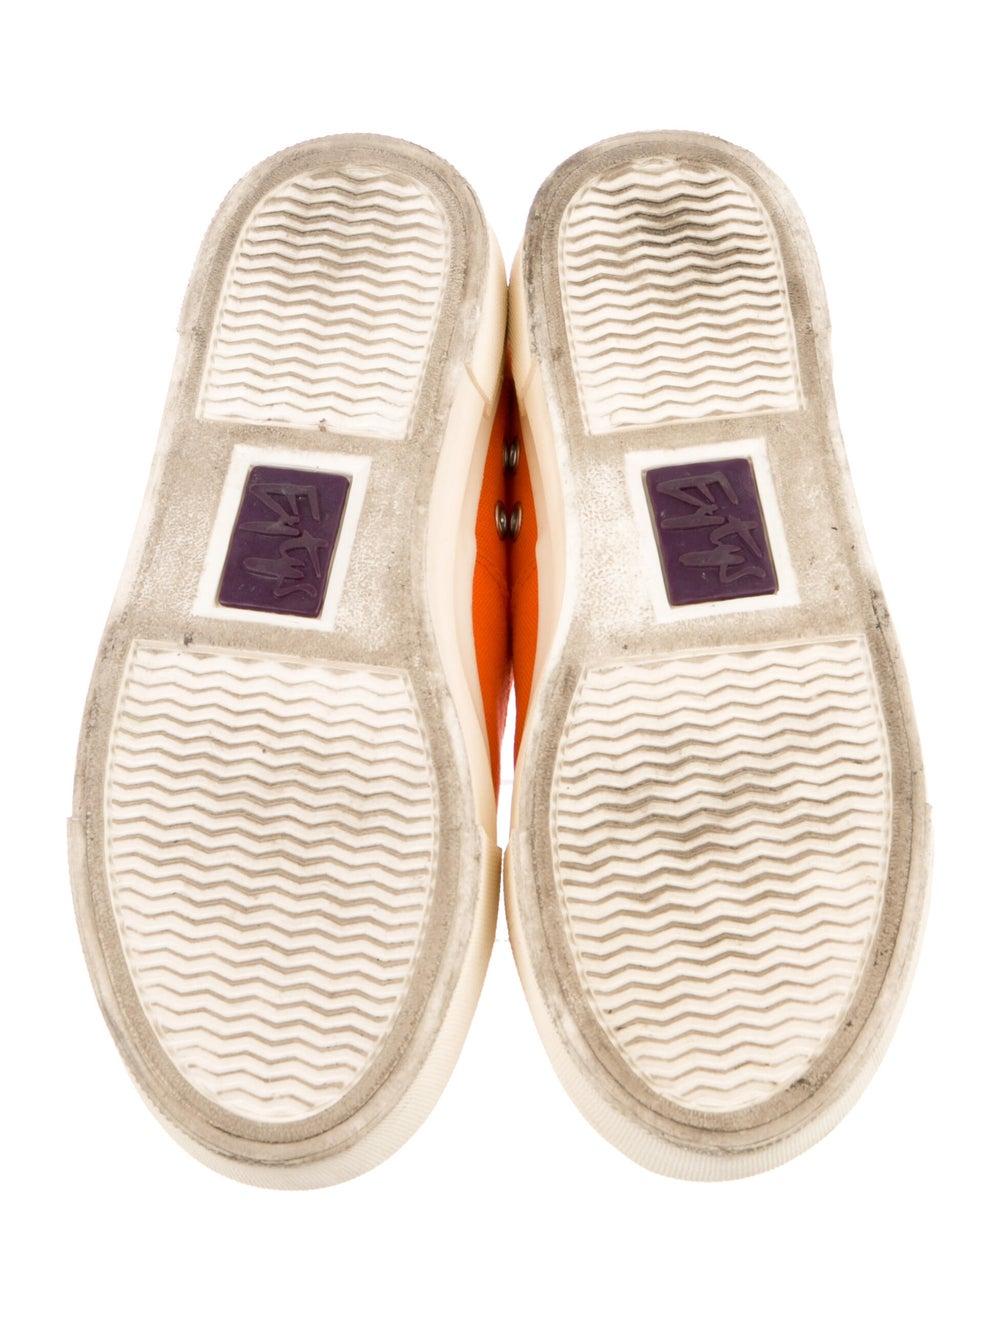 Eytys Sneakers Orange - image 5